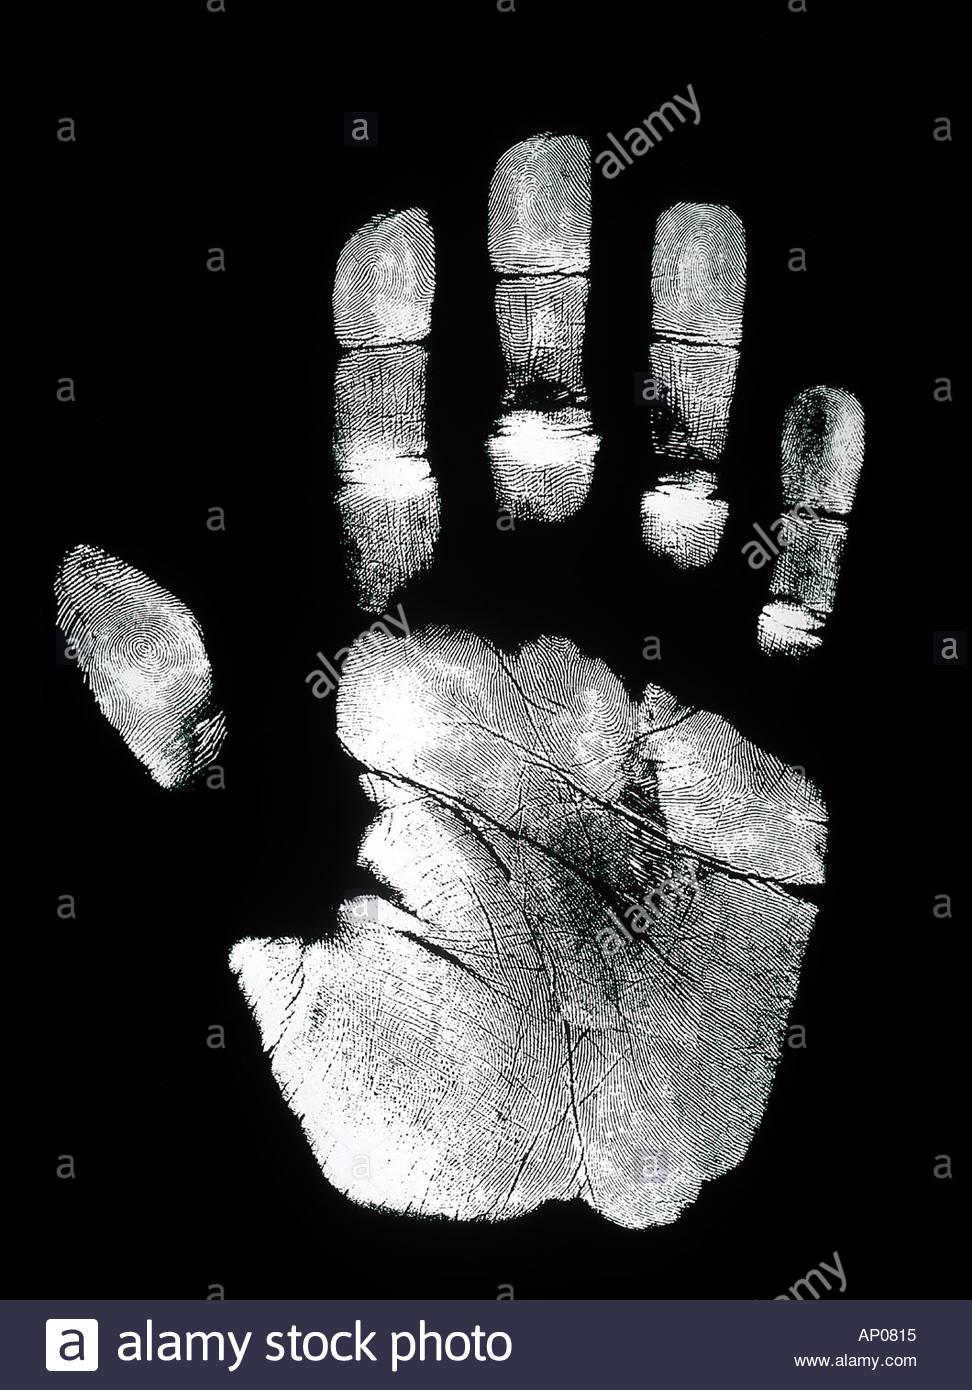 Handabdruck Print Handfläche und Finger Prints auf schwarzem Hintergrund Stockbild